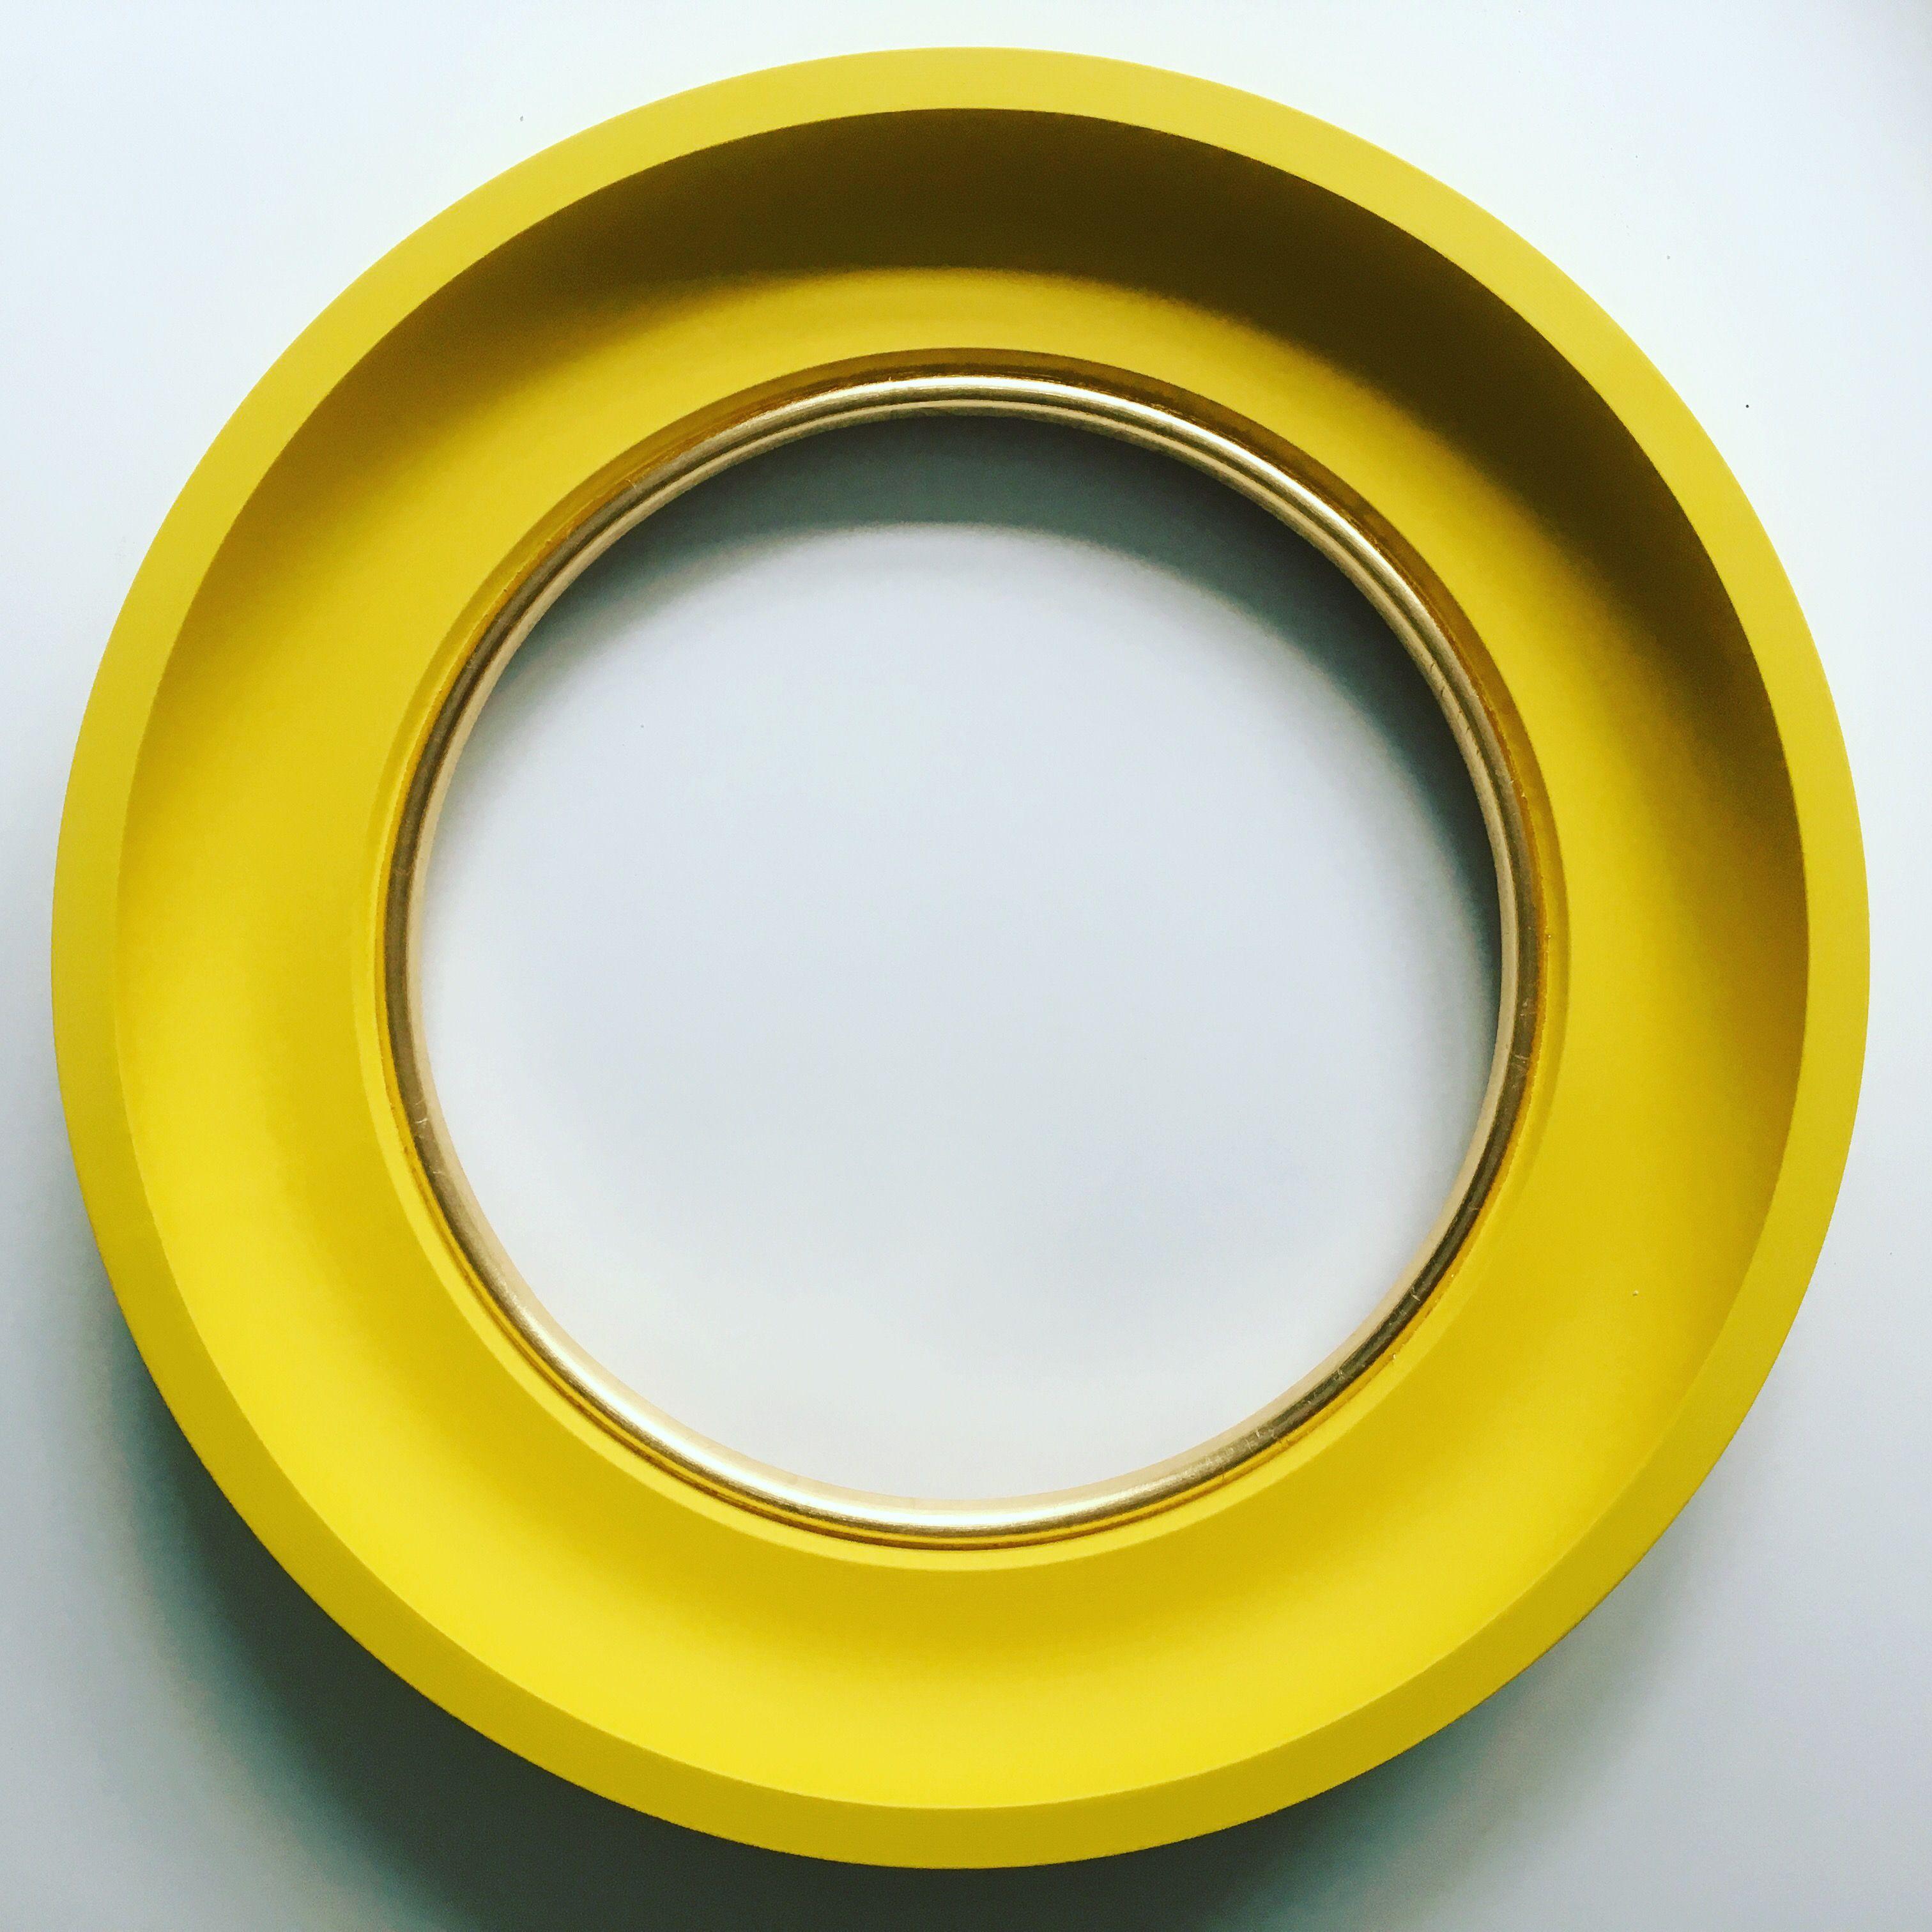 Small Cavetto Decorative Convex Mirror - Hand-Finished - Omelo ...